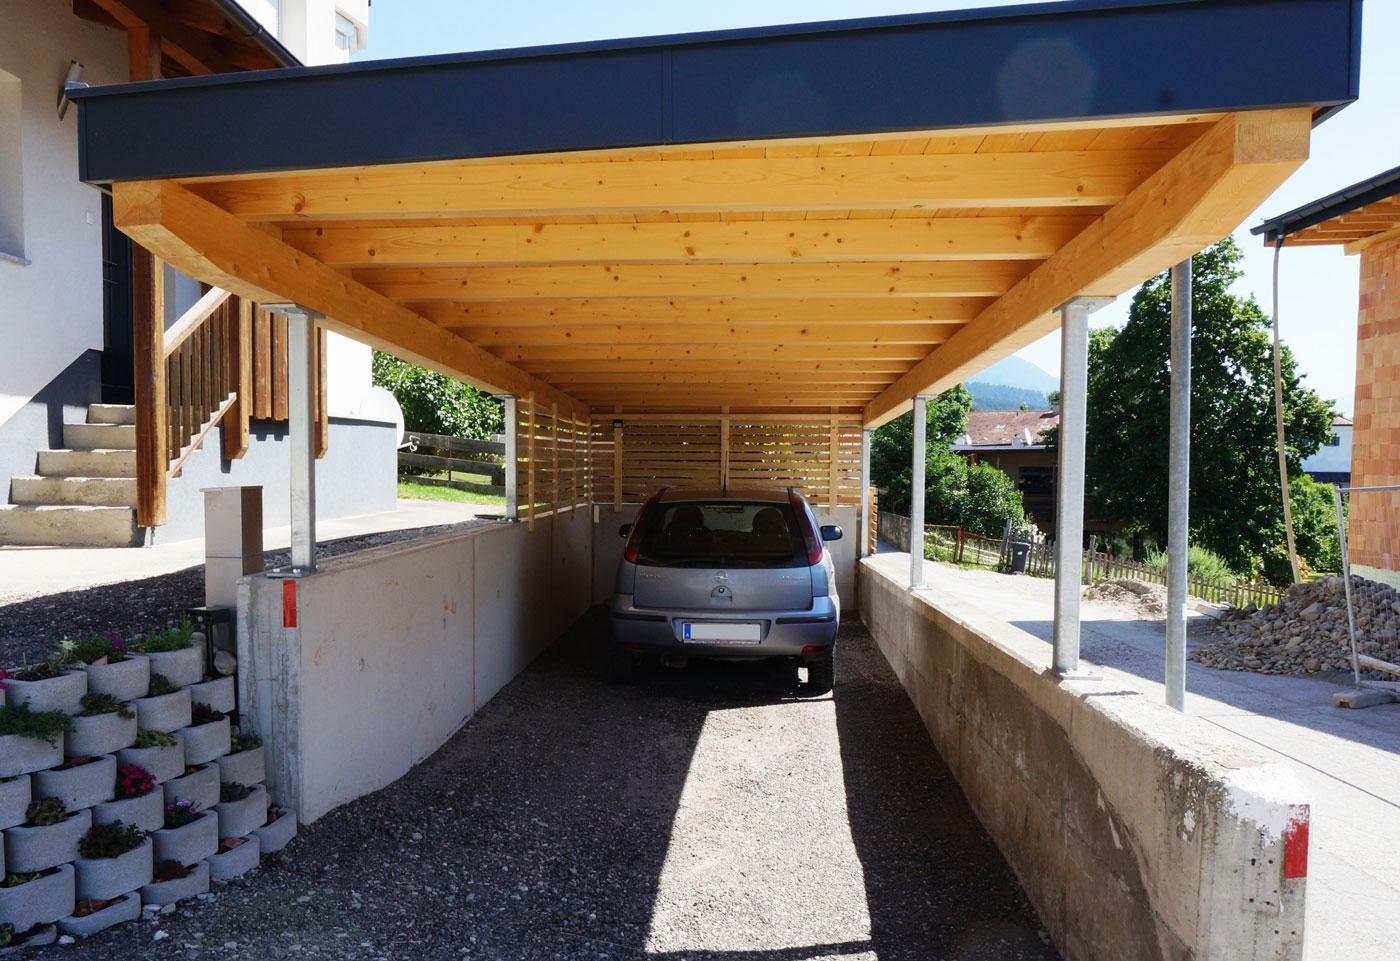 carport-9-2019-mit-integrierter-begehbarer-terrasse-holzbau-zimmerei-norz-thaur-1.jpg